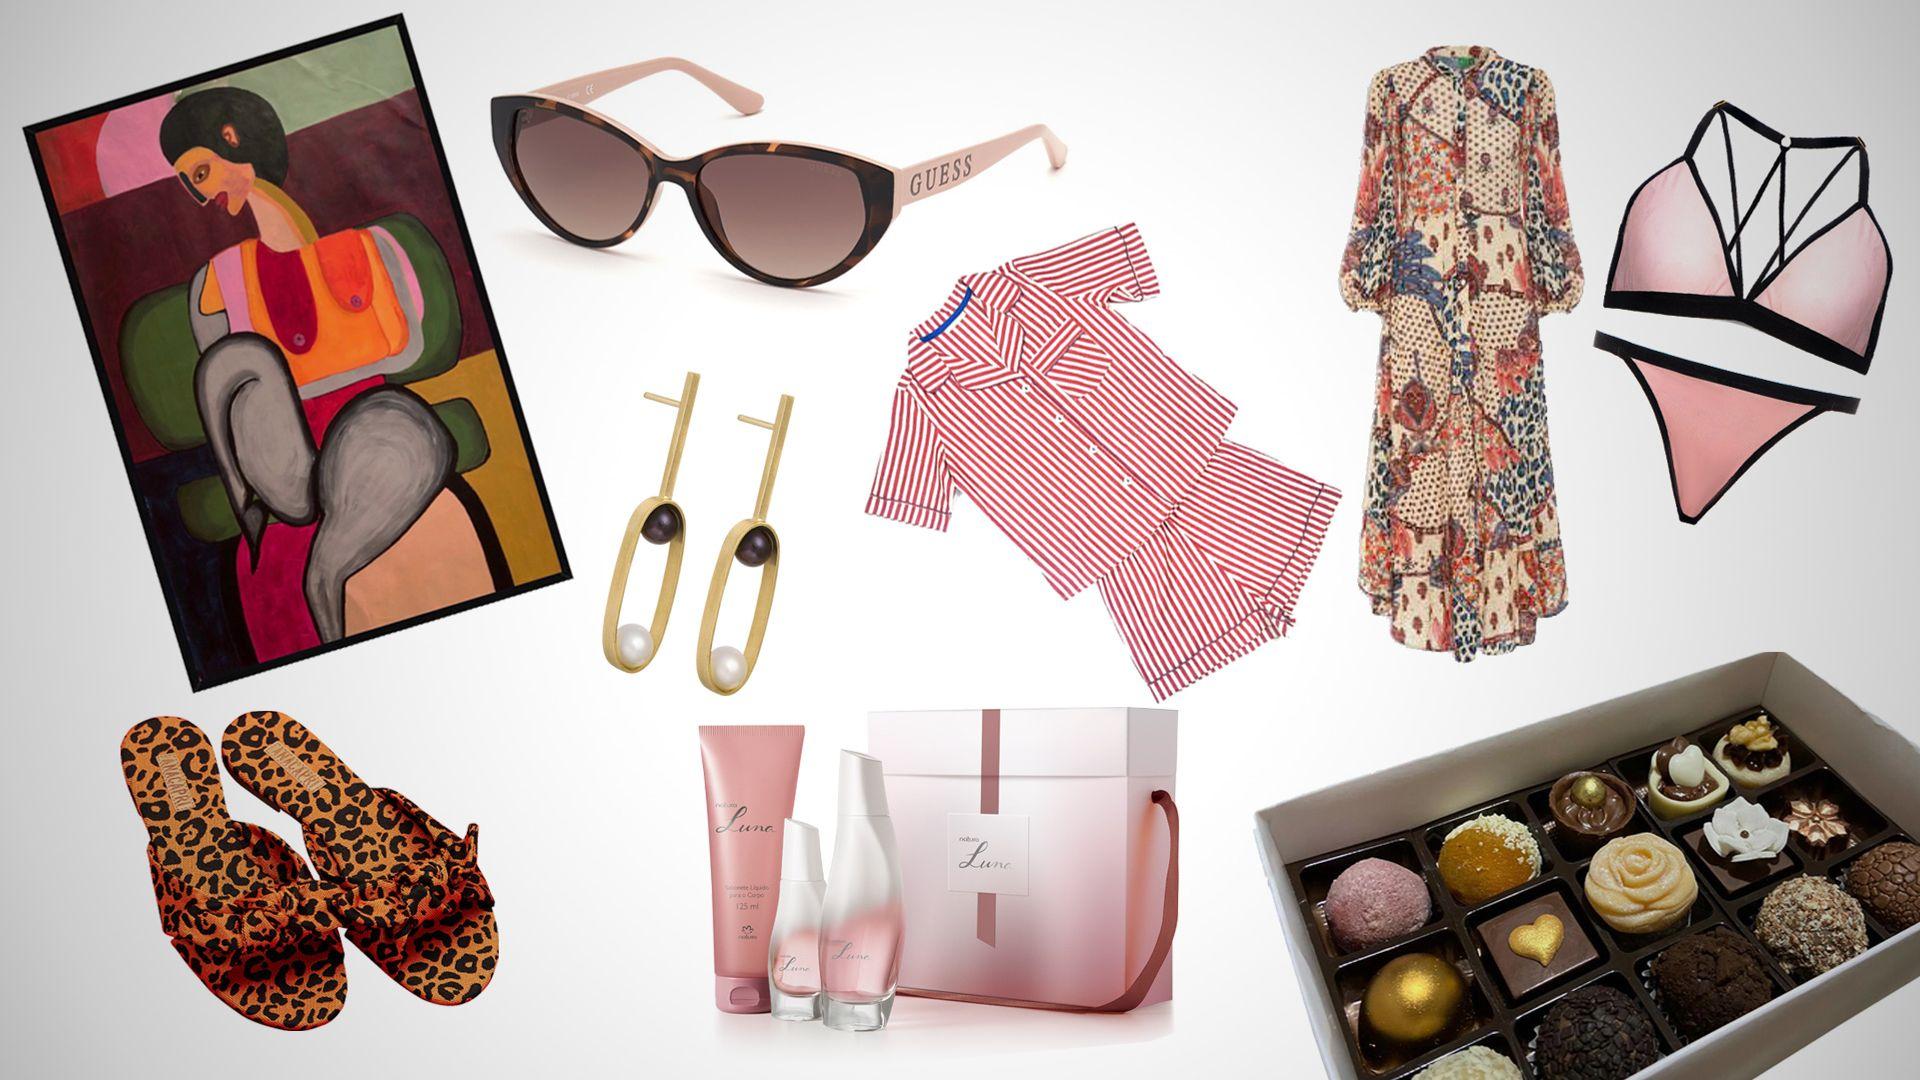 Uma seleção de presentes para você fazer bonito no Dia das Mães